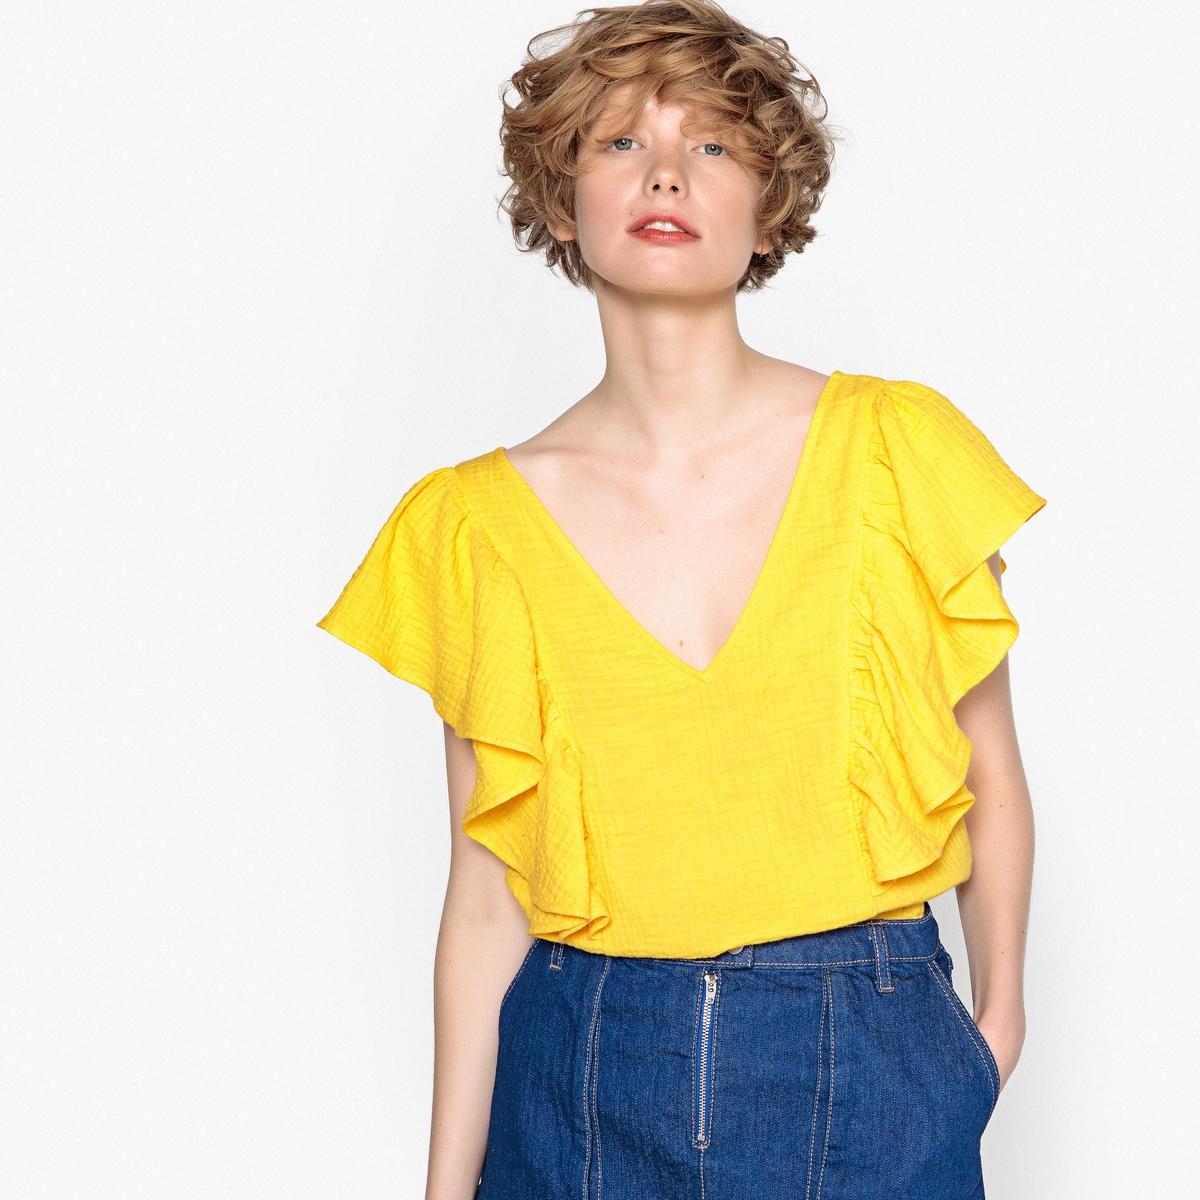 Blusa lisa de decote em V, mangas curtas